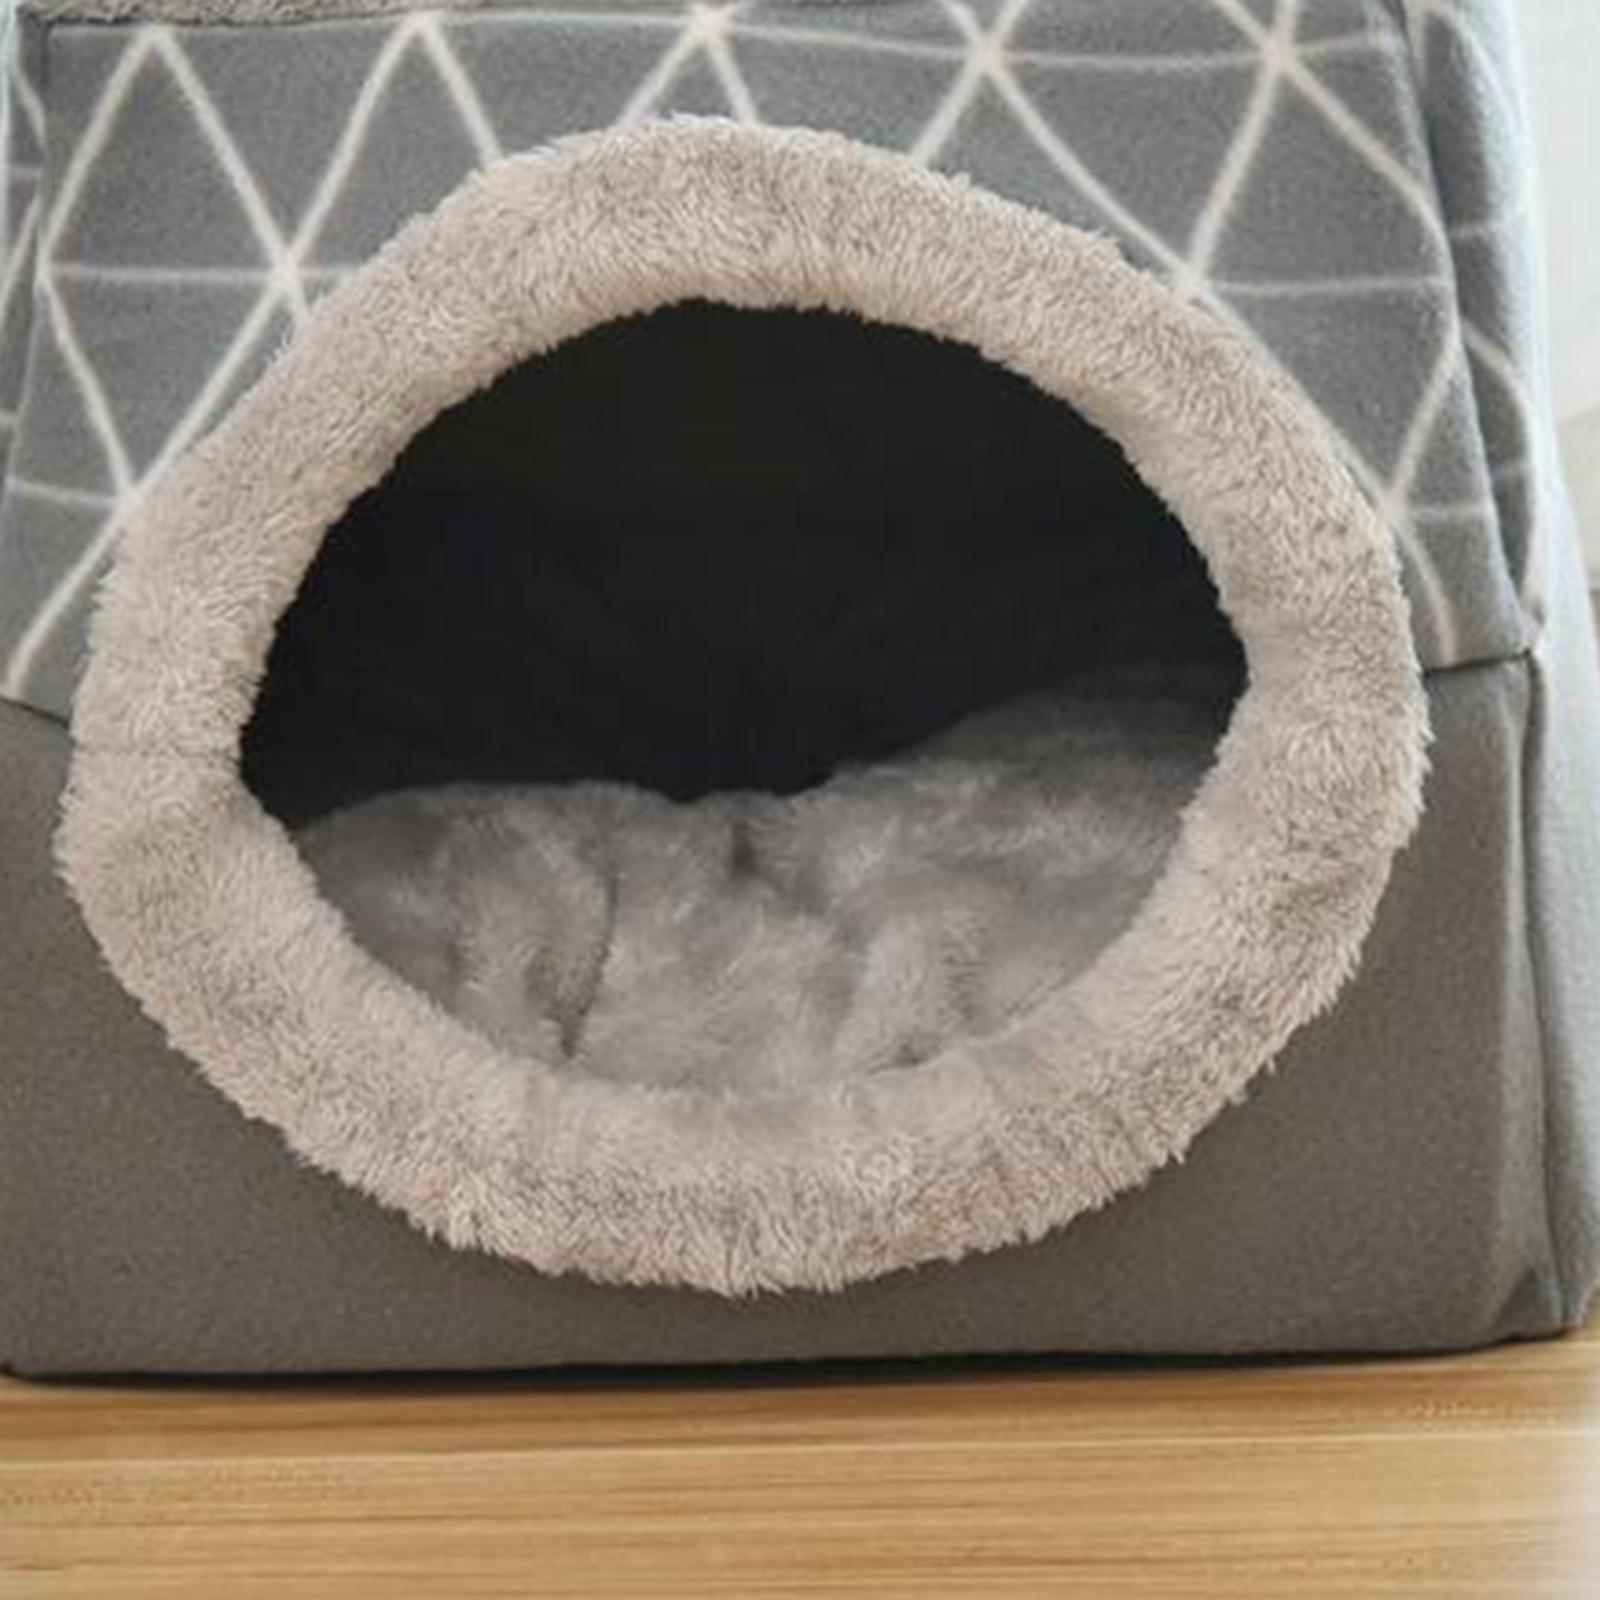 Indexbild 15 - 2-in-1-Weichen-Katzen-Haus-Schlafen-Bett-Zwinger-Puppy-Cave-Warme-Nest-Matte